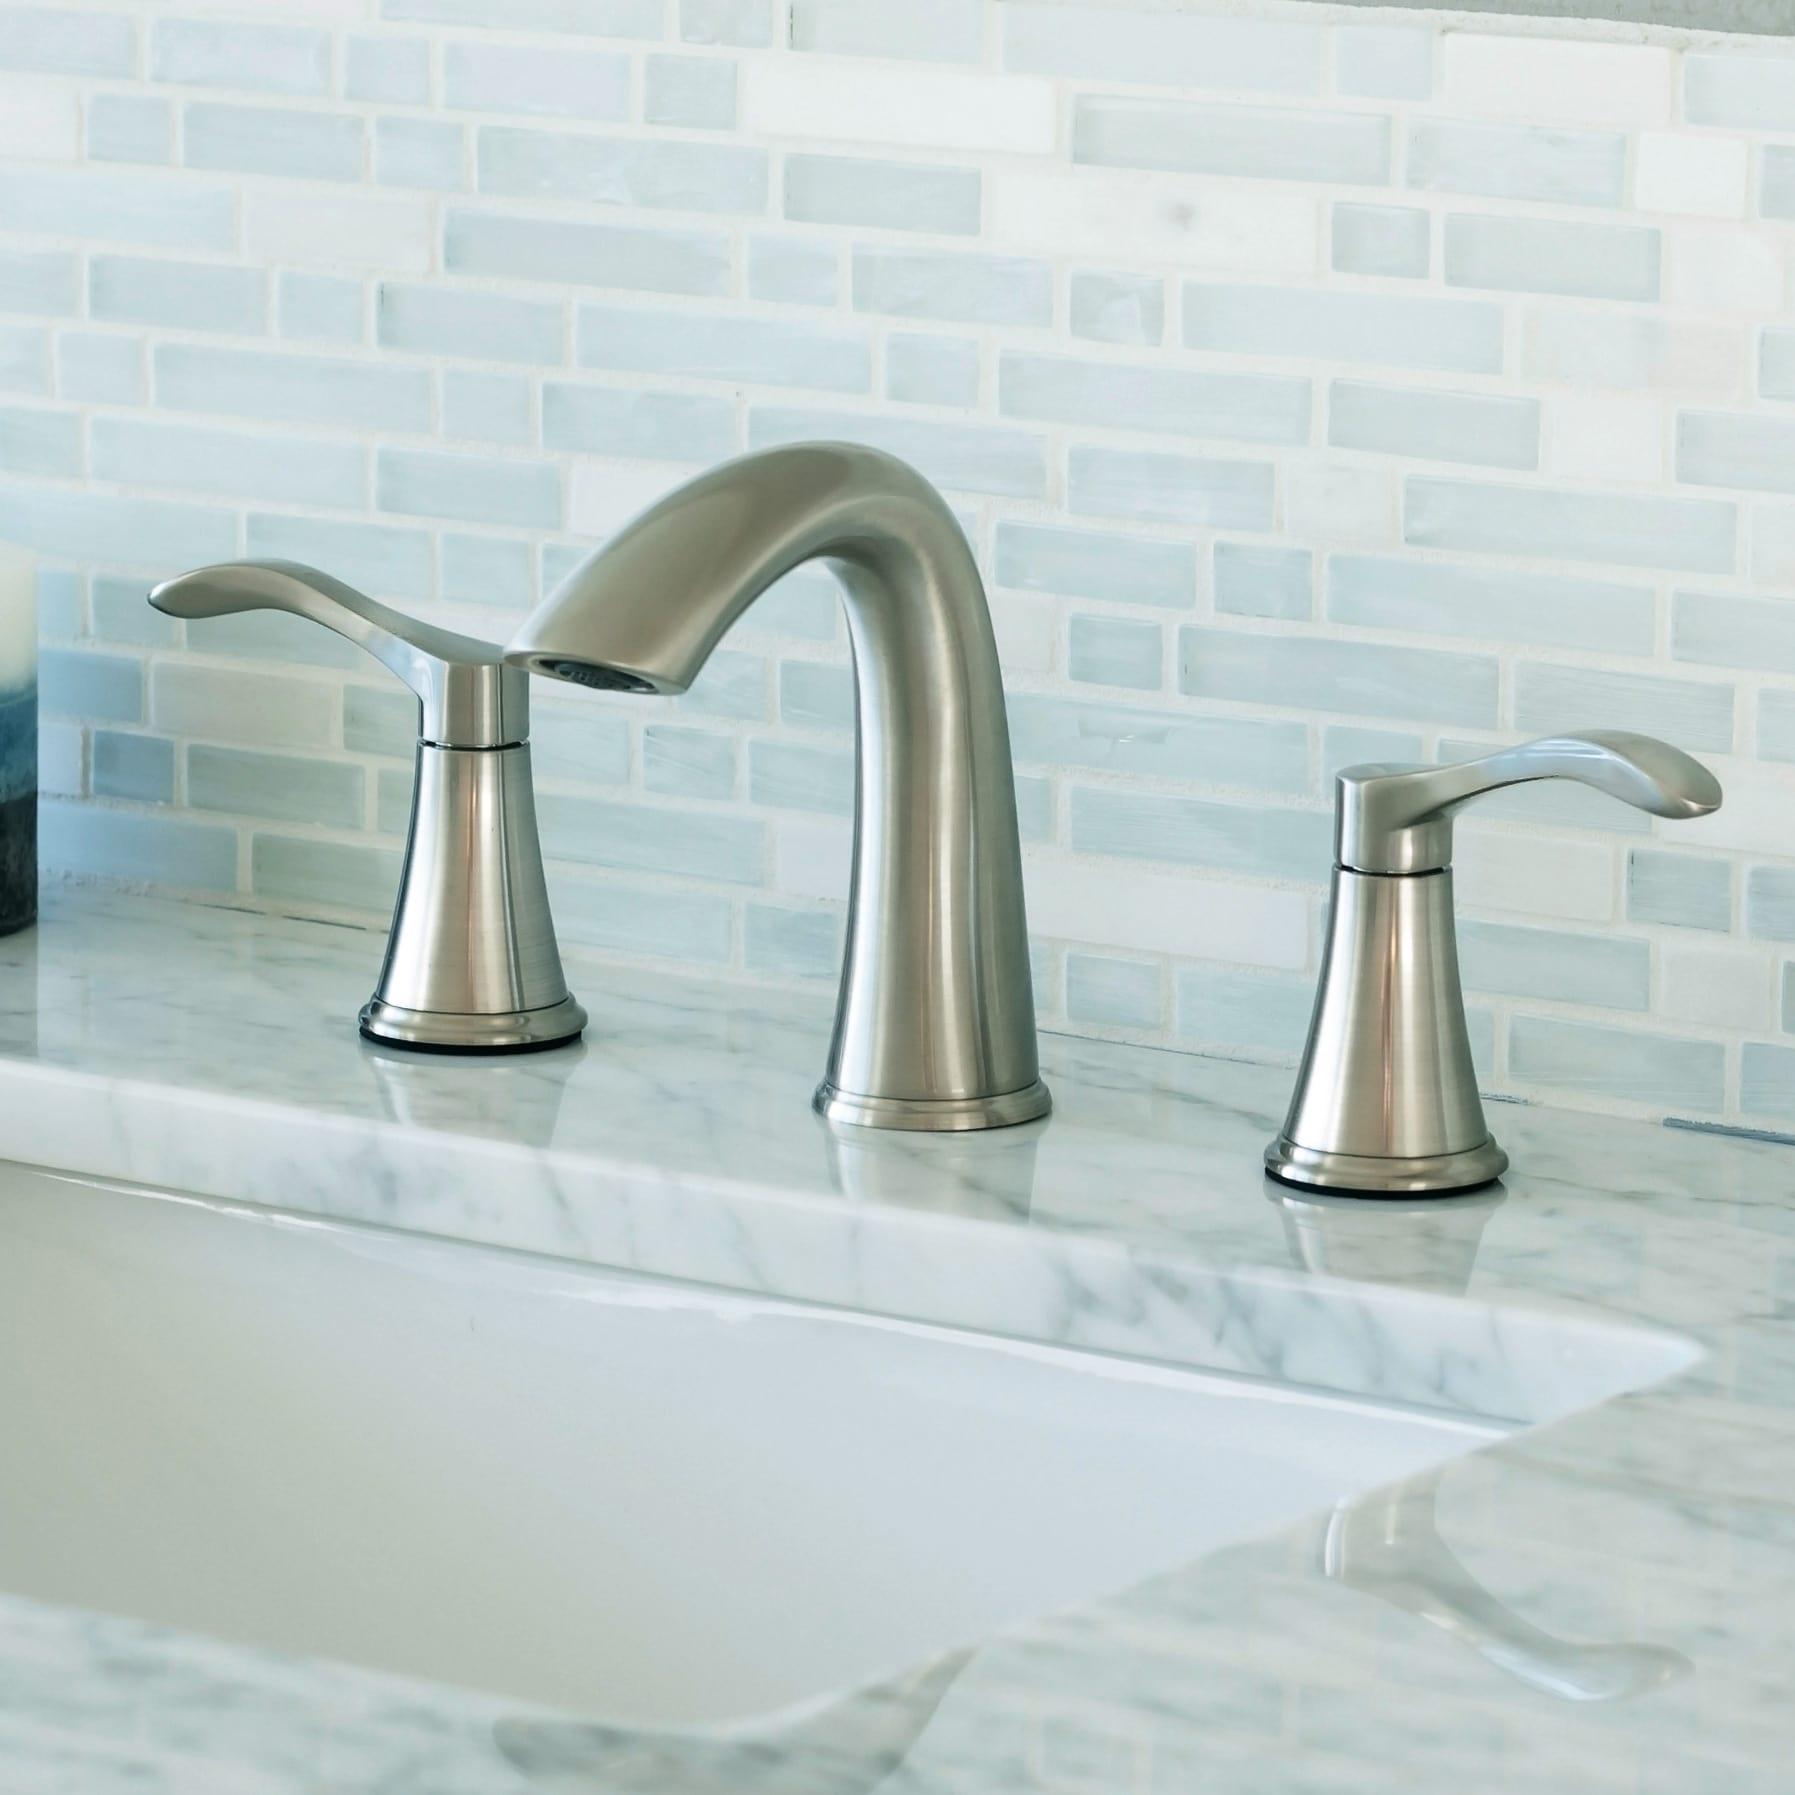 Miseno MNO311BN Brushed Nickel Bella-O Widespread Bathroom Faucet ...